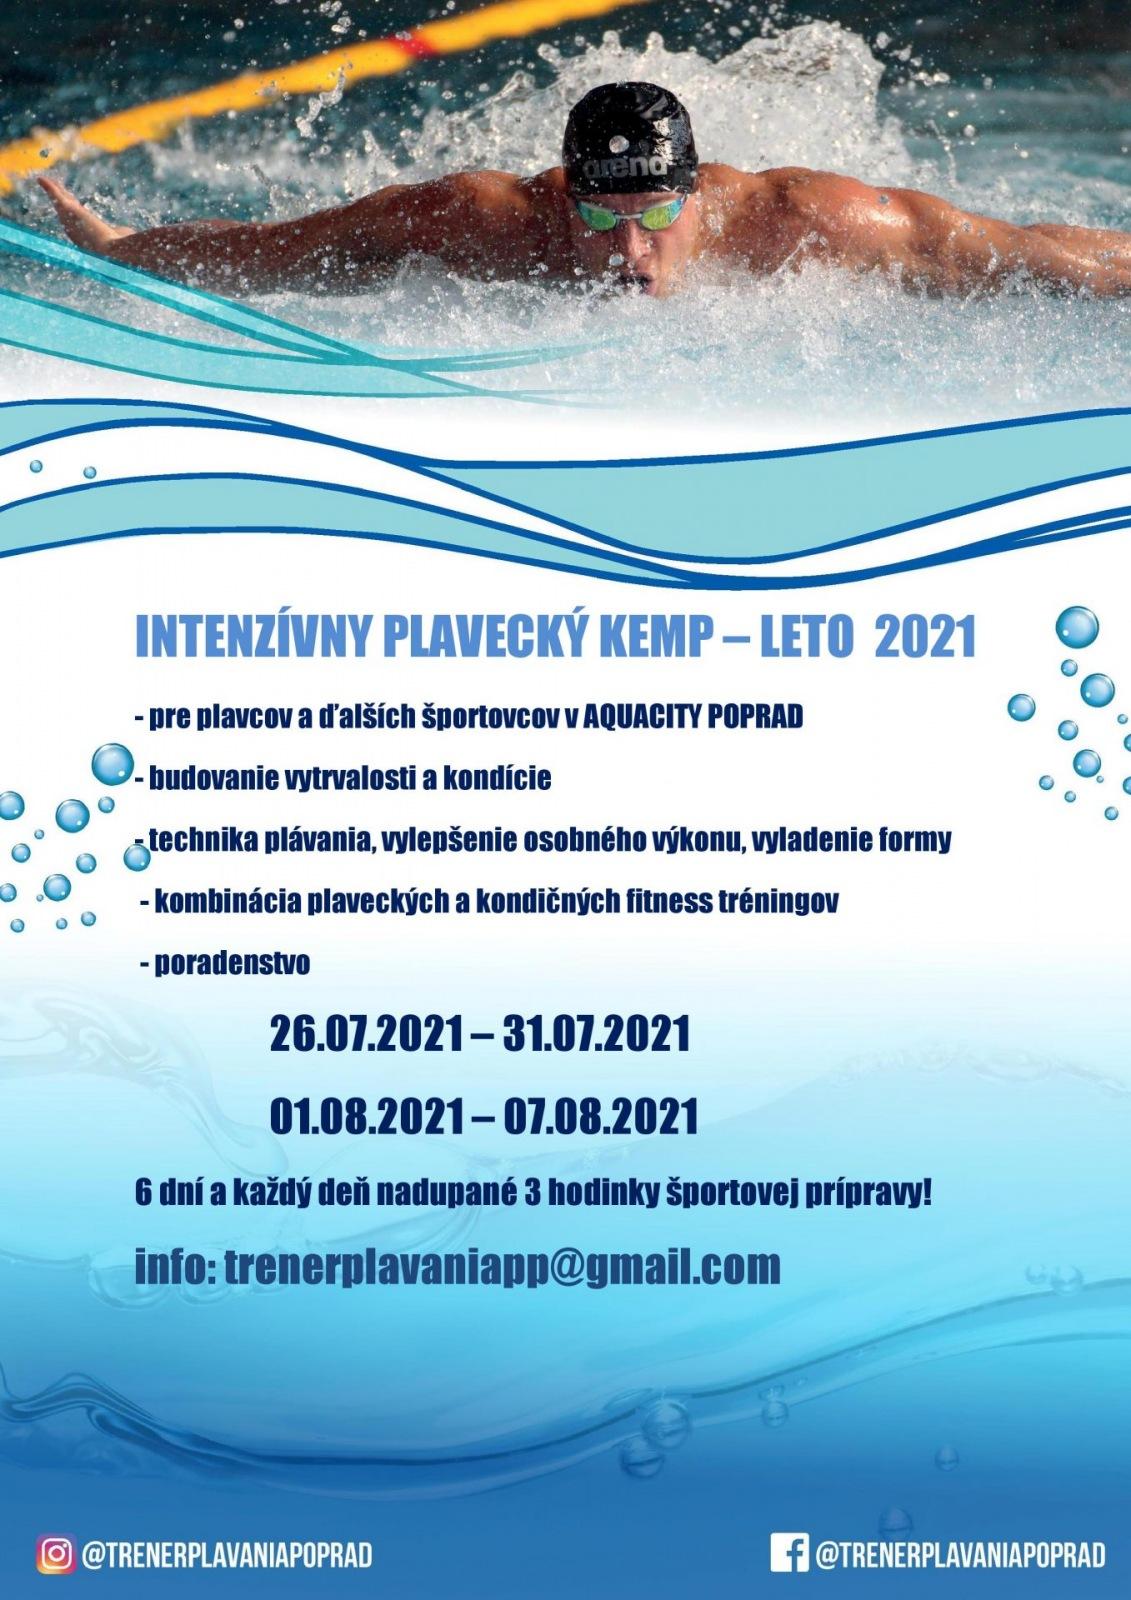 Intenzívny plavecký kemp & LETO 2021